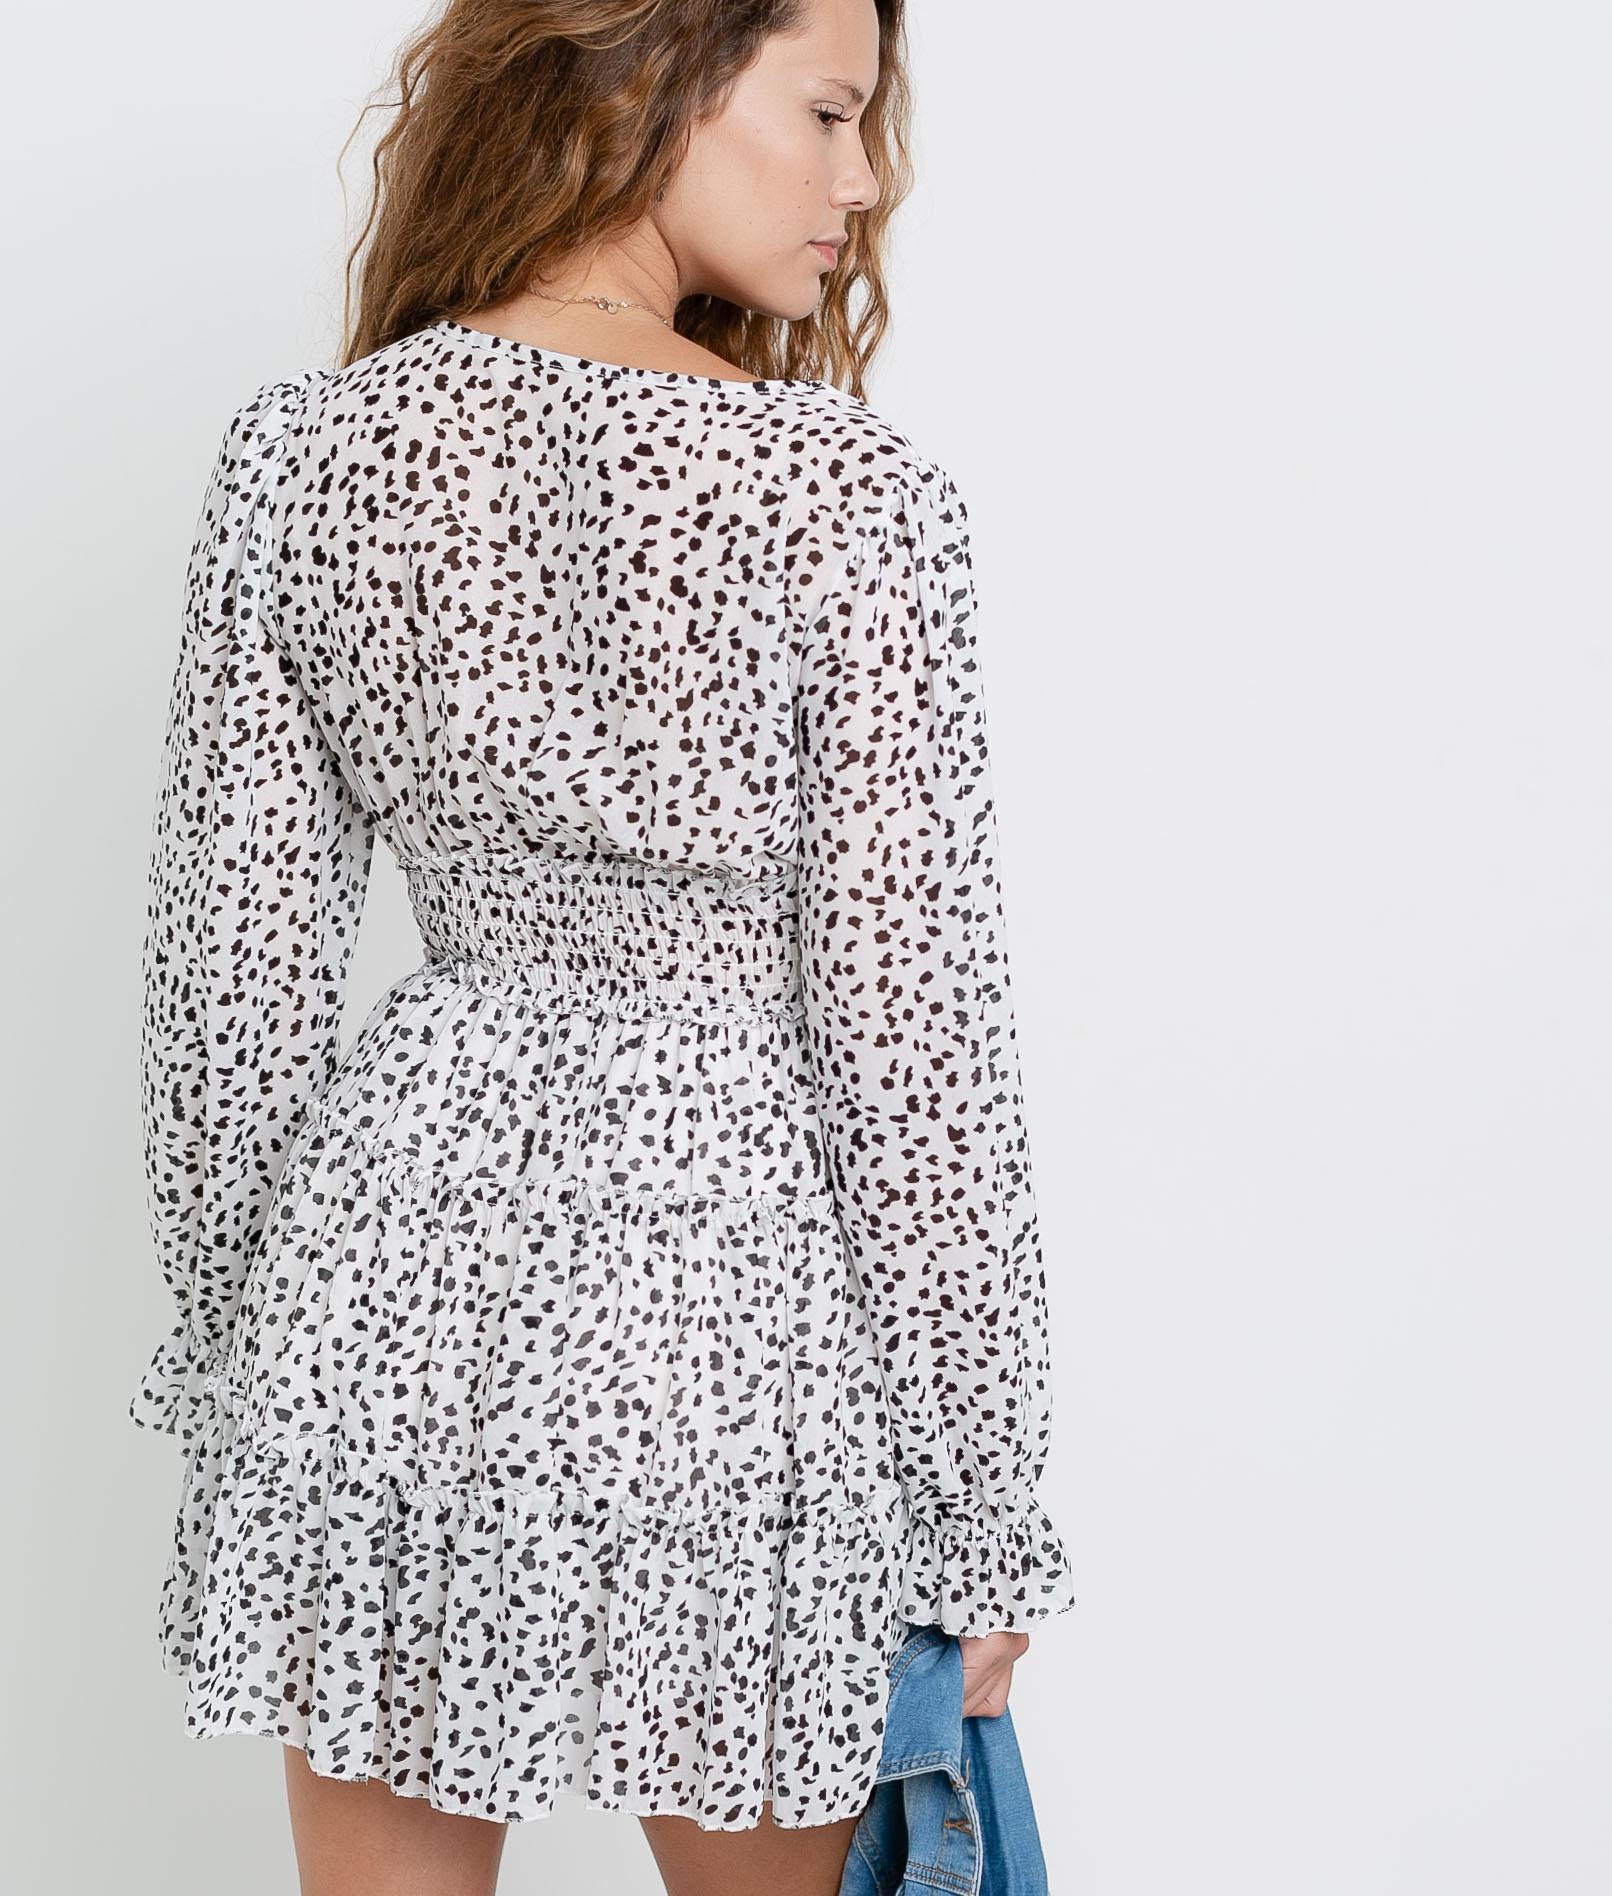 Dress Soger - White/Black